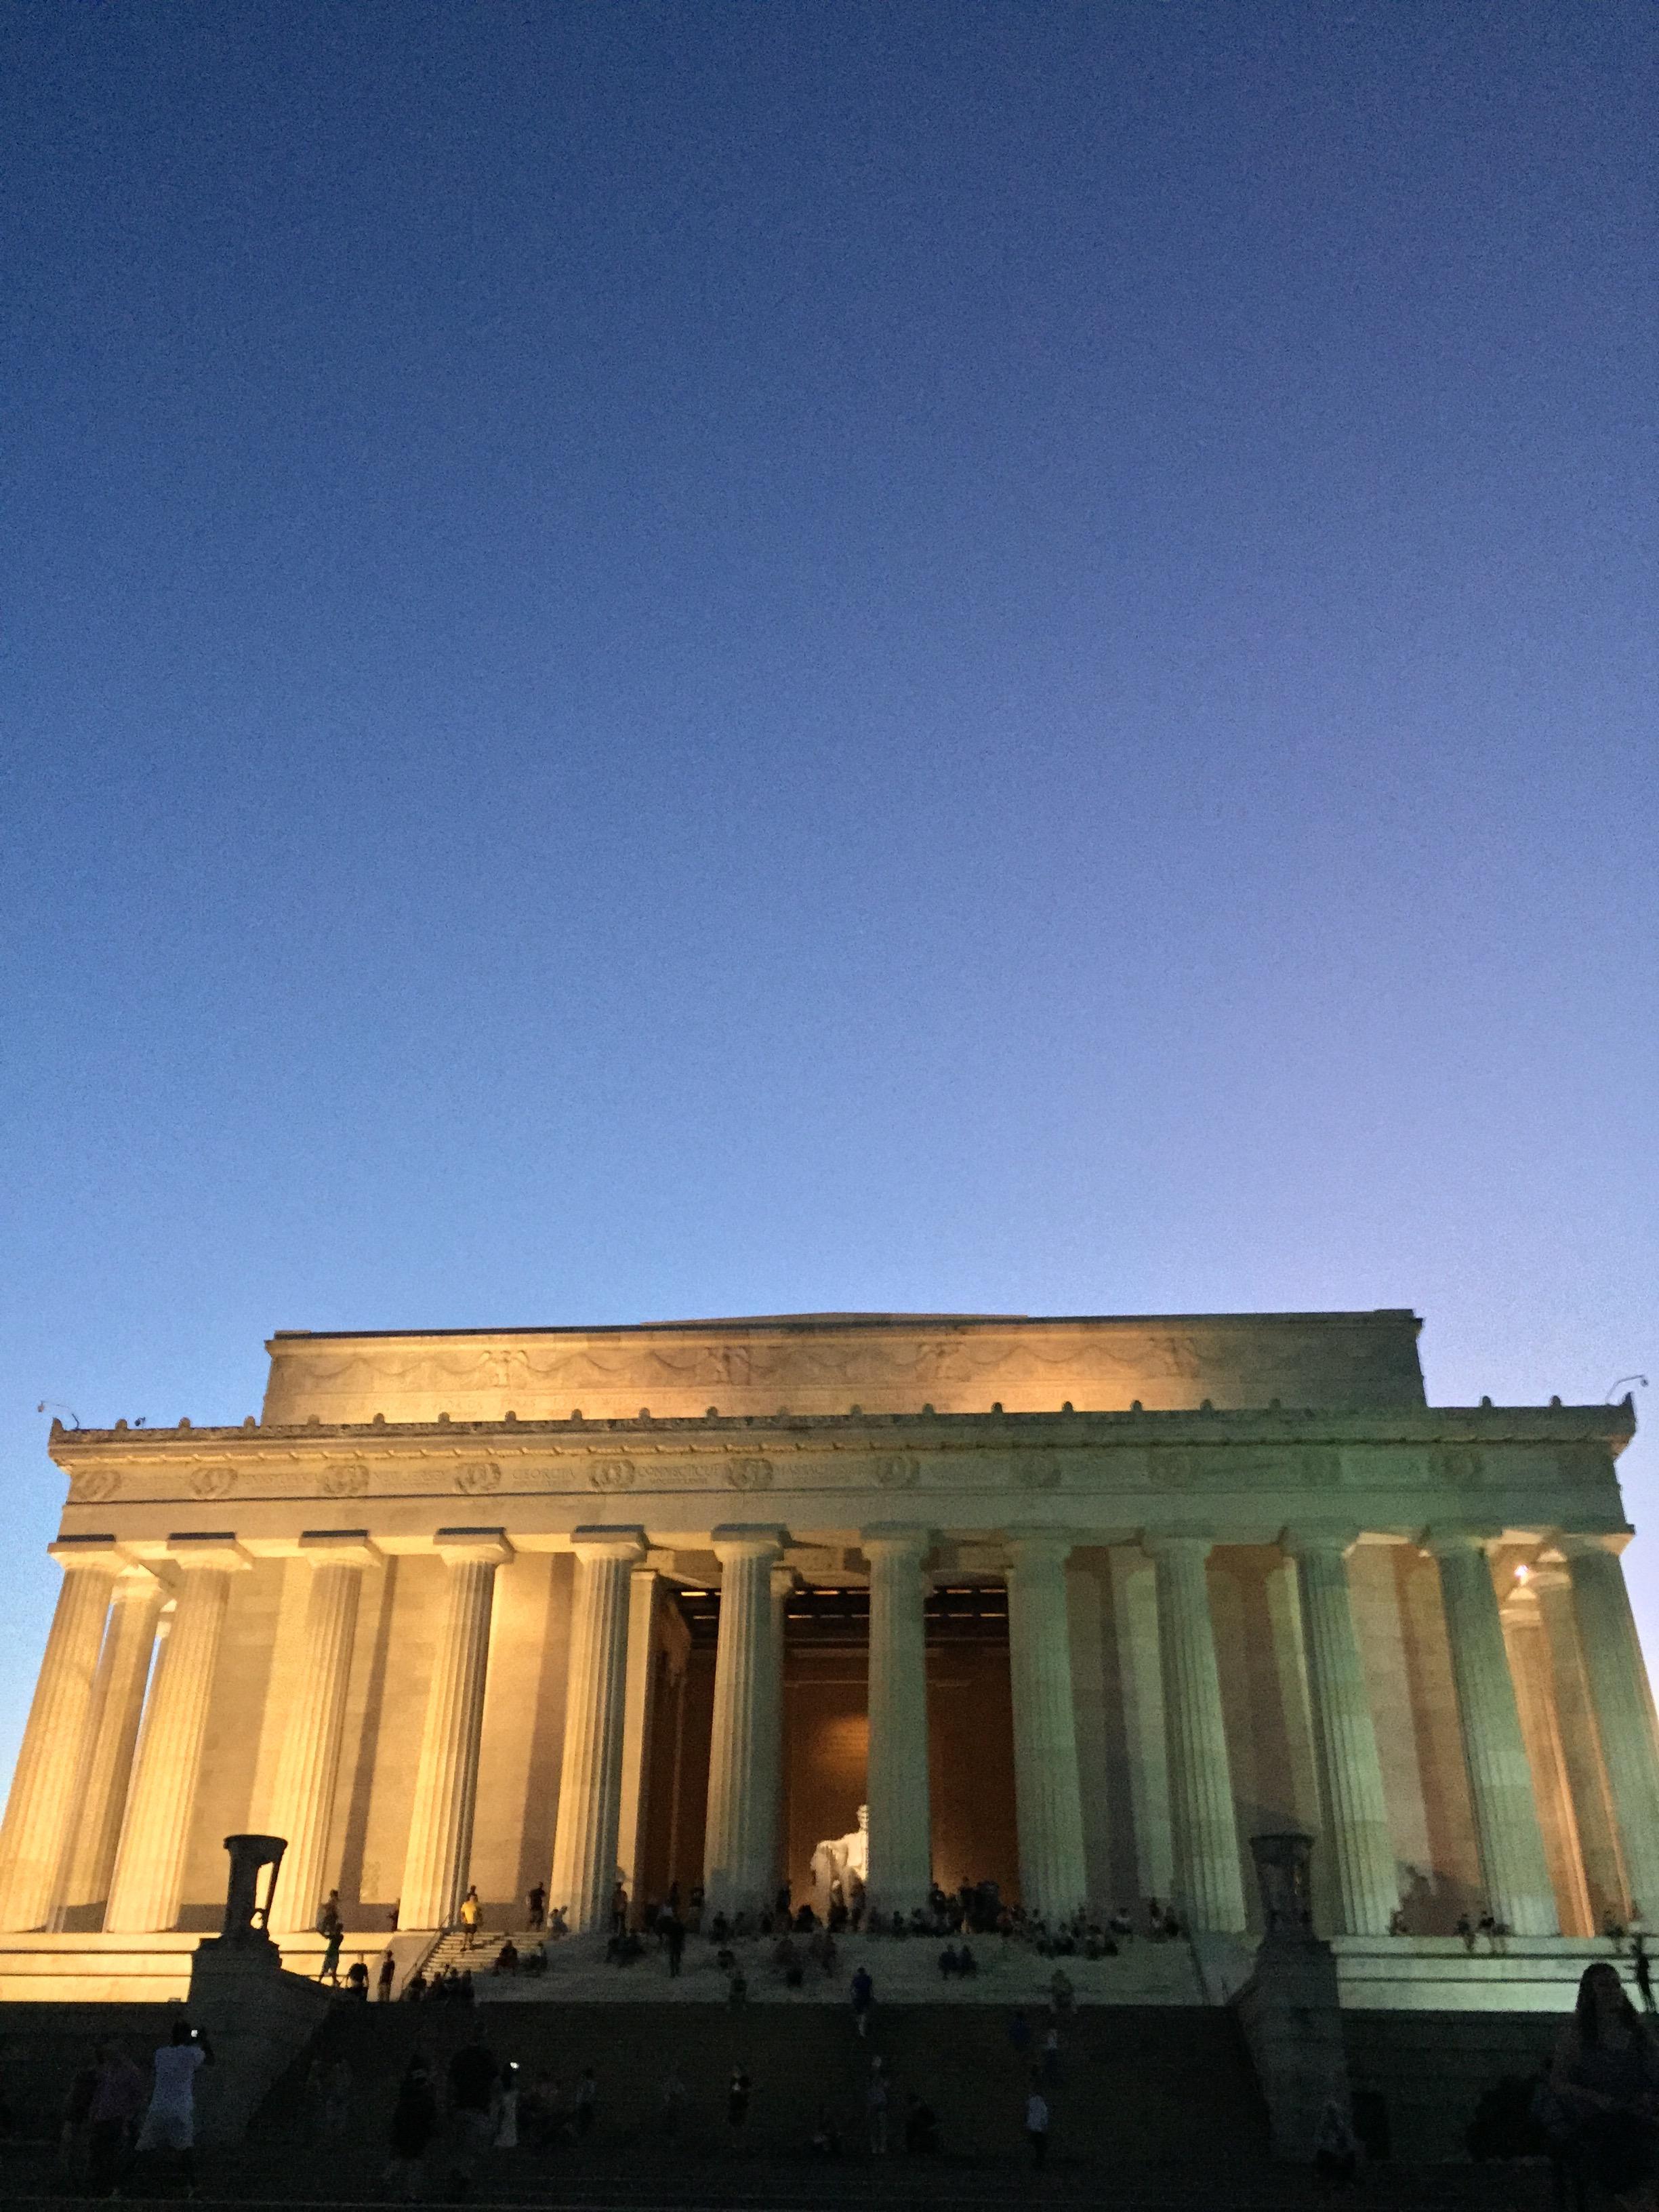 Lincoln Memorial - unusual camera angle